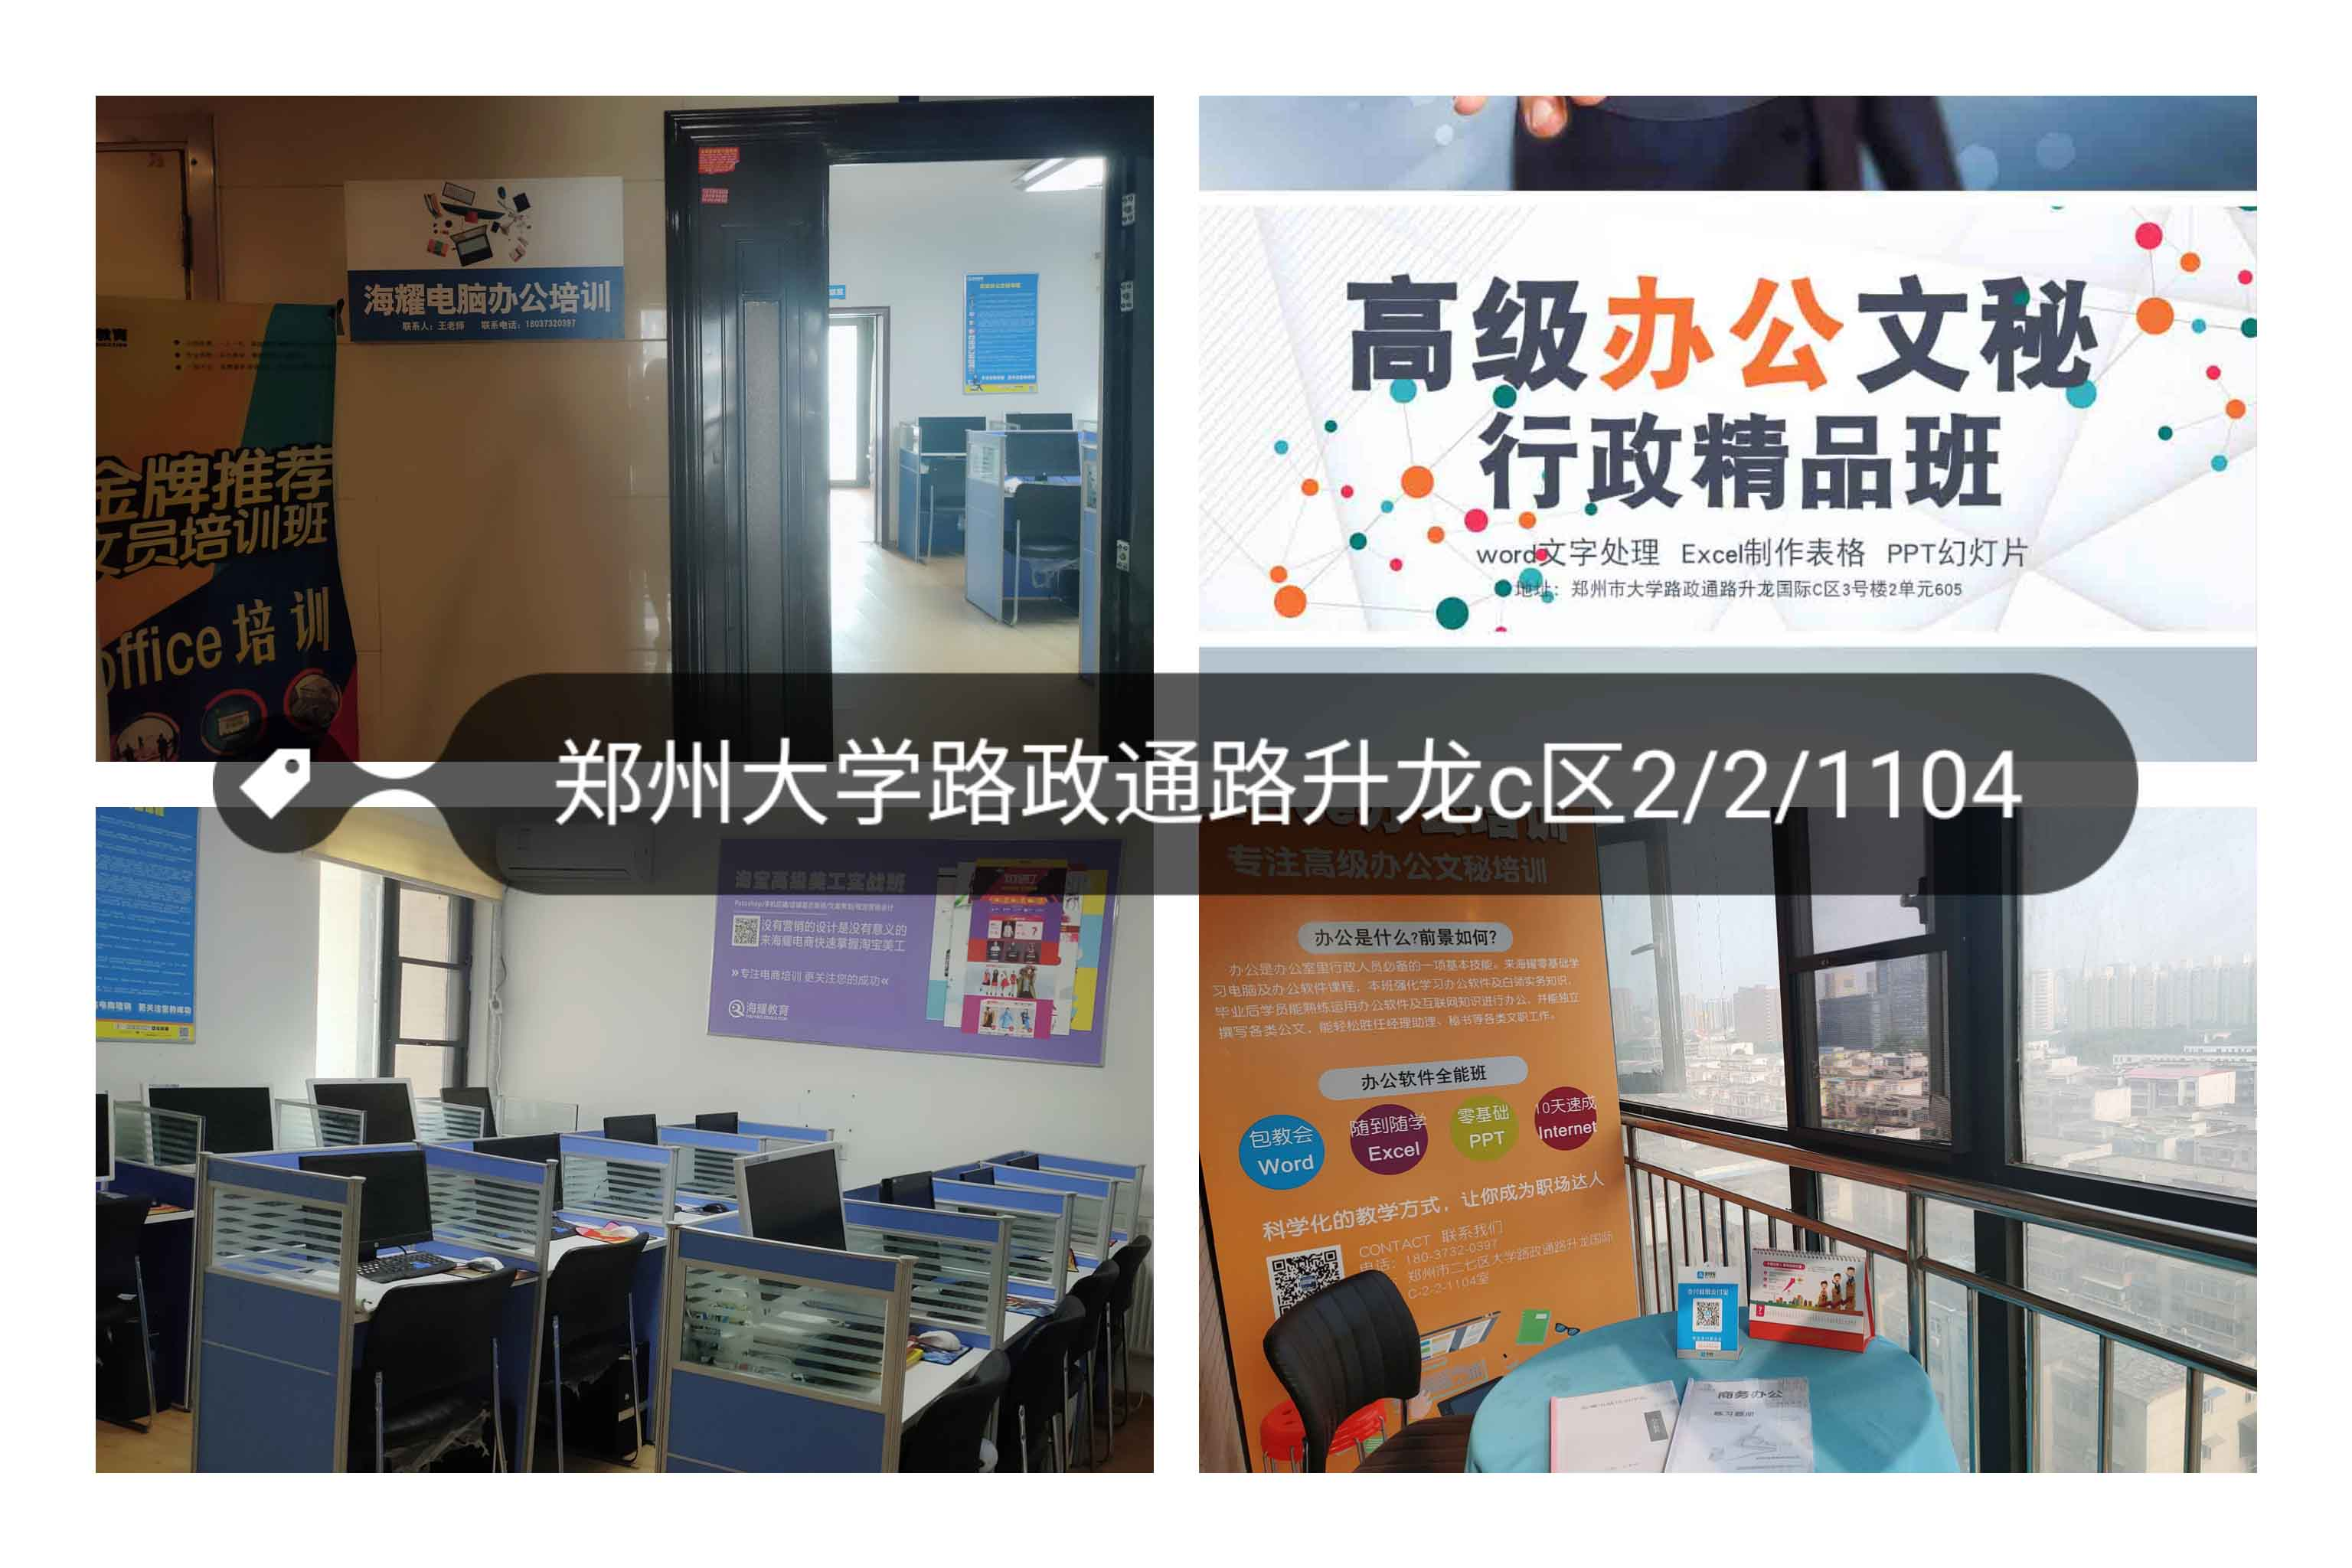 郑州海耀教育计算机高级办公培训